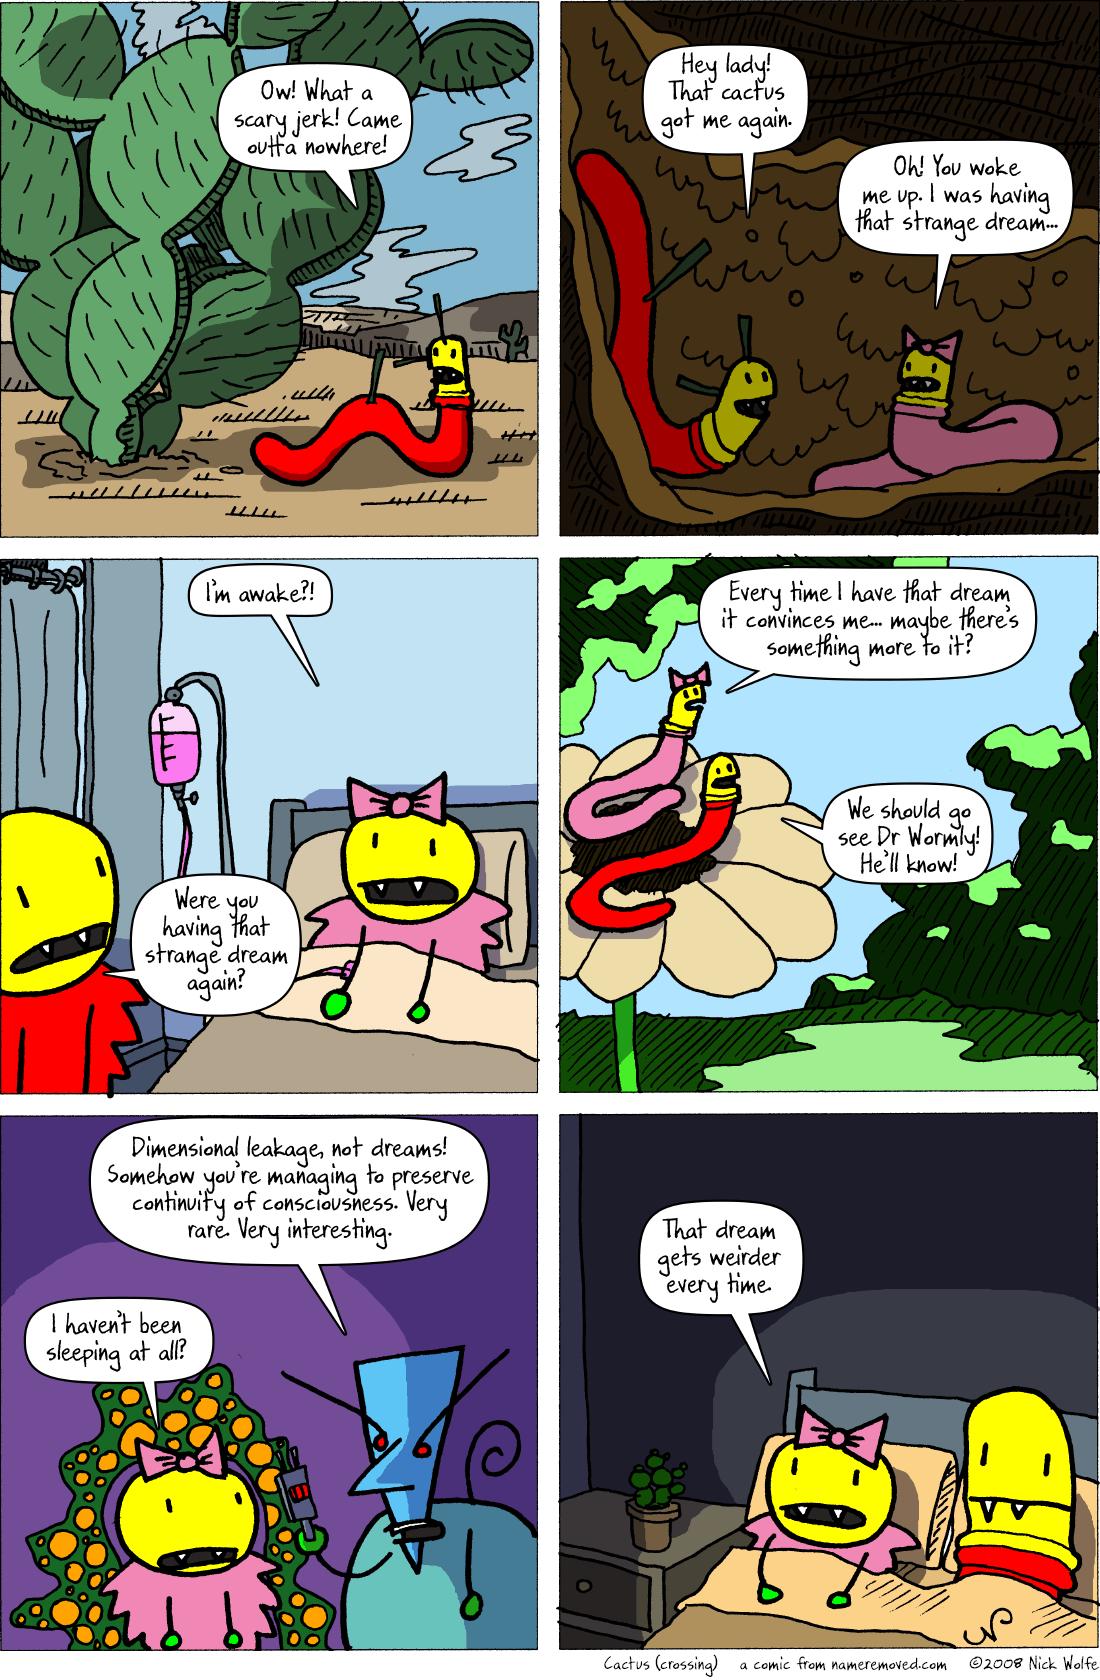 Cactus (crossing)